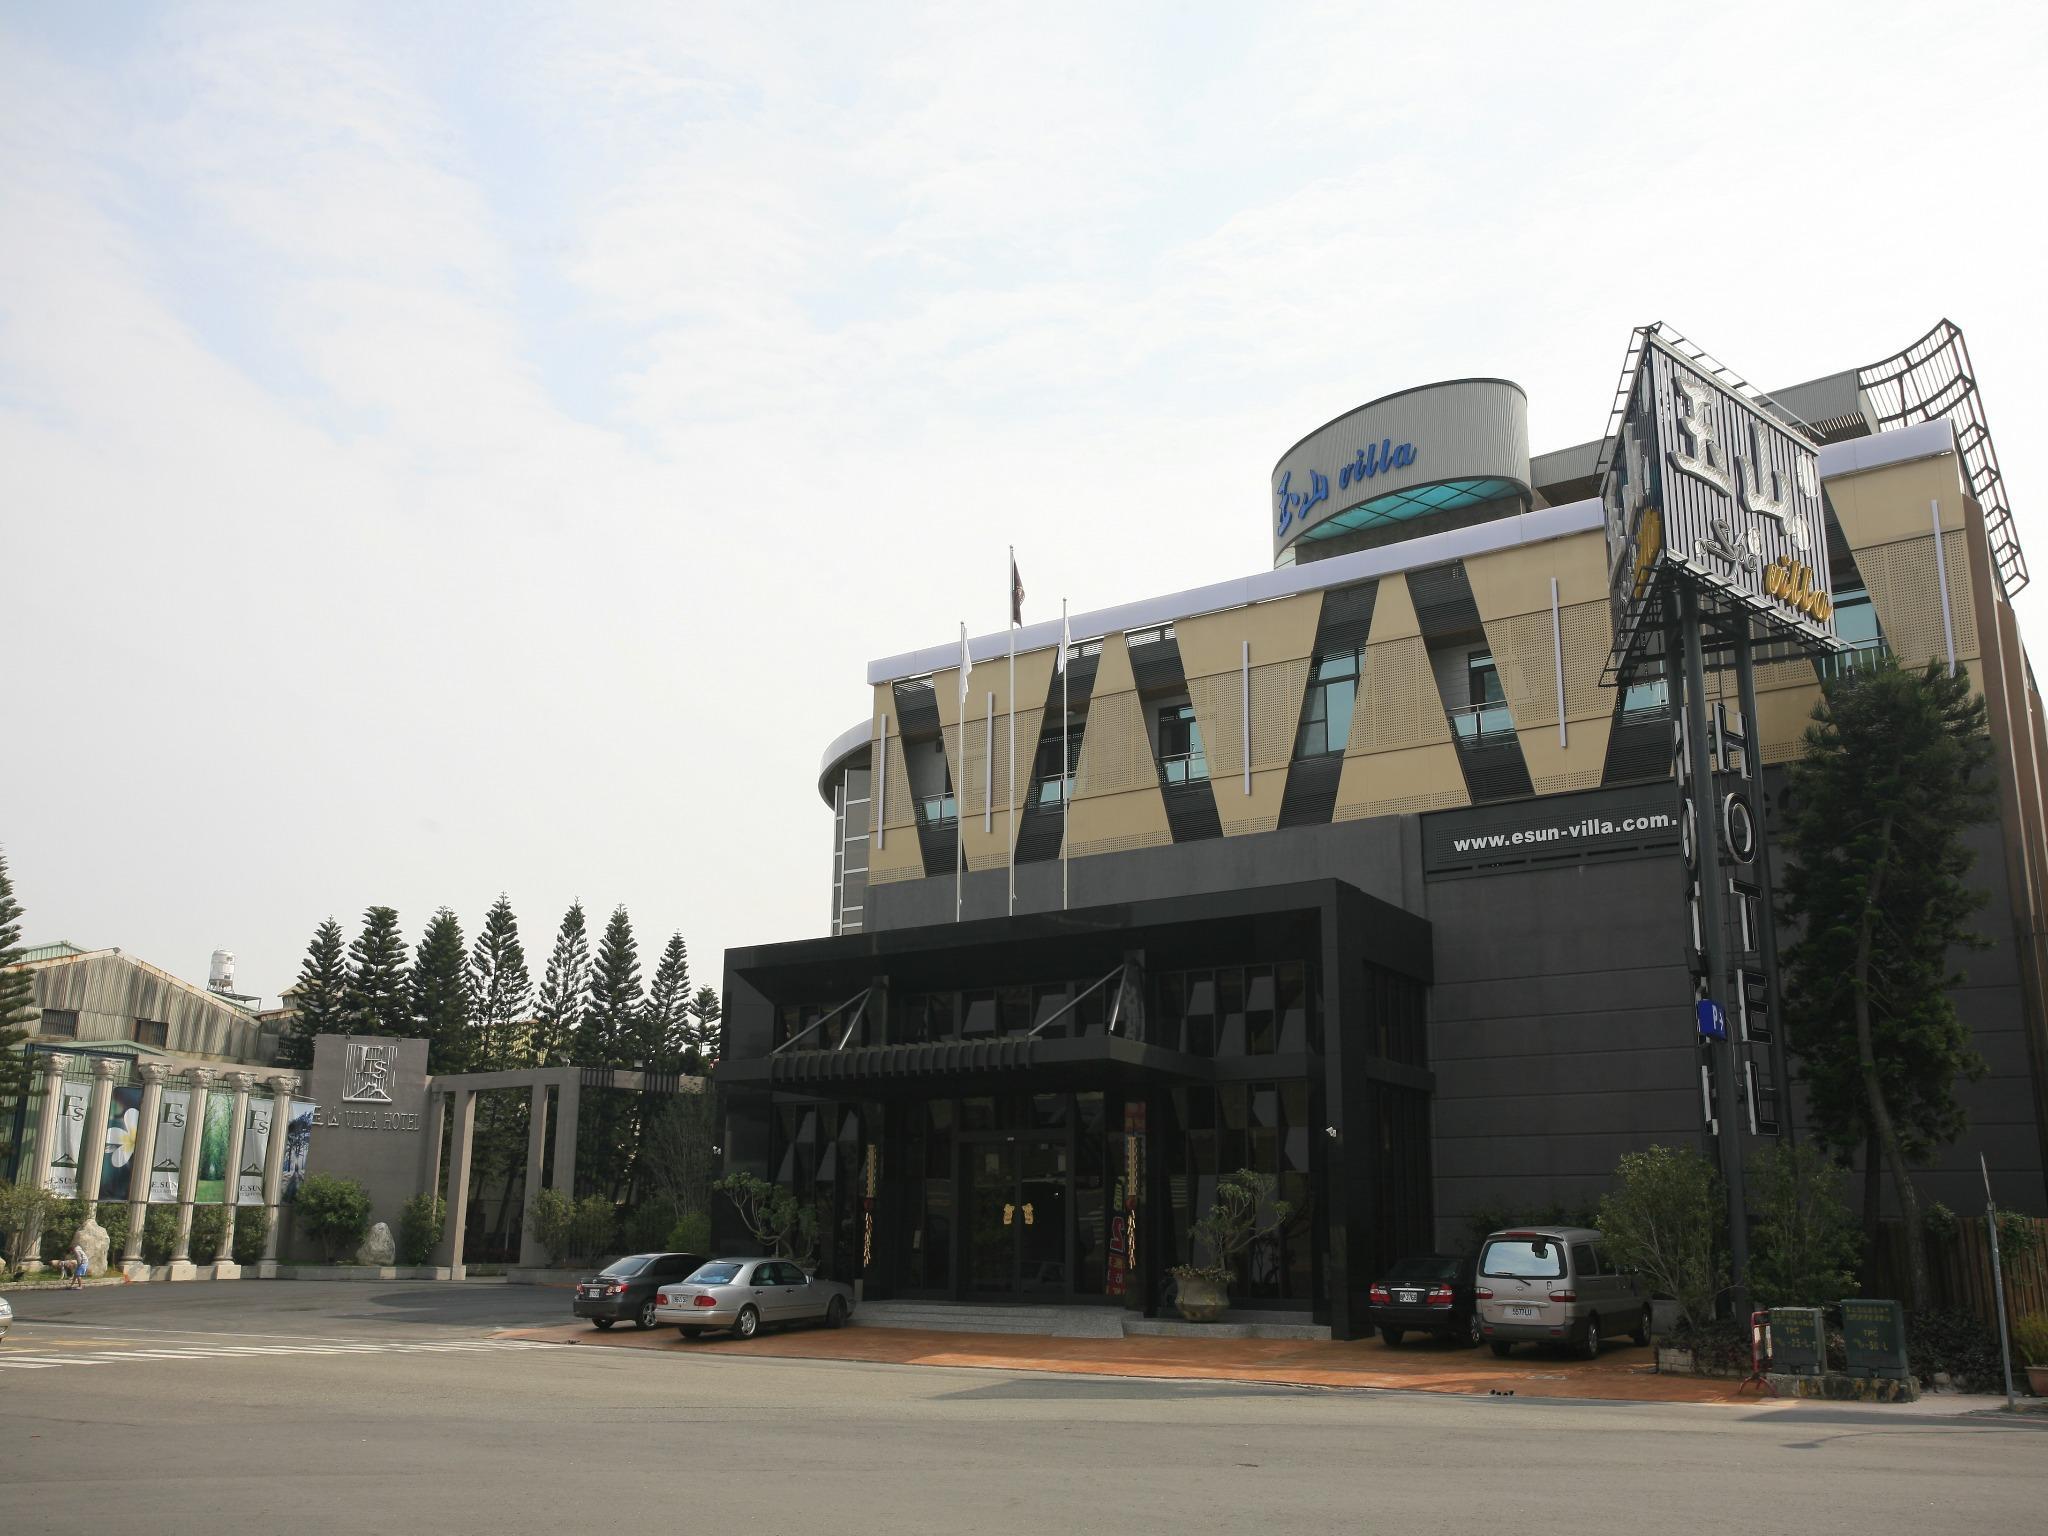 E. Sun Villa Hotel And Resort